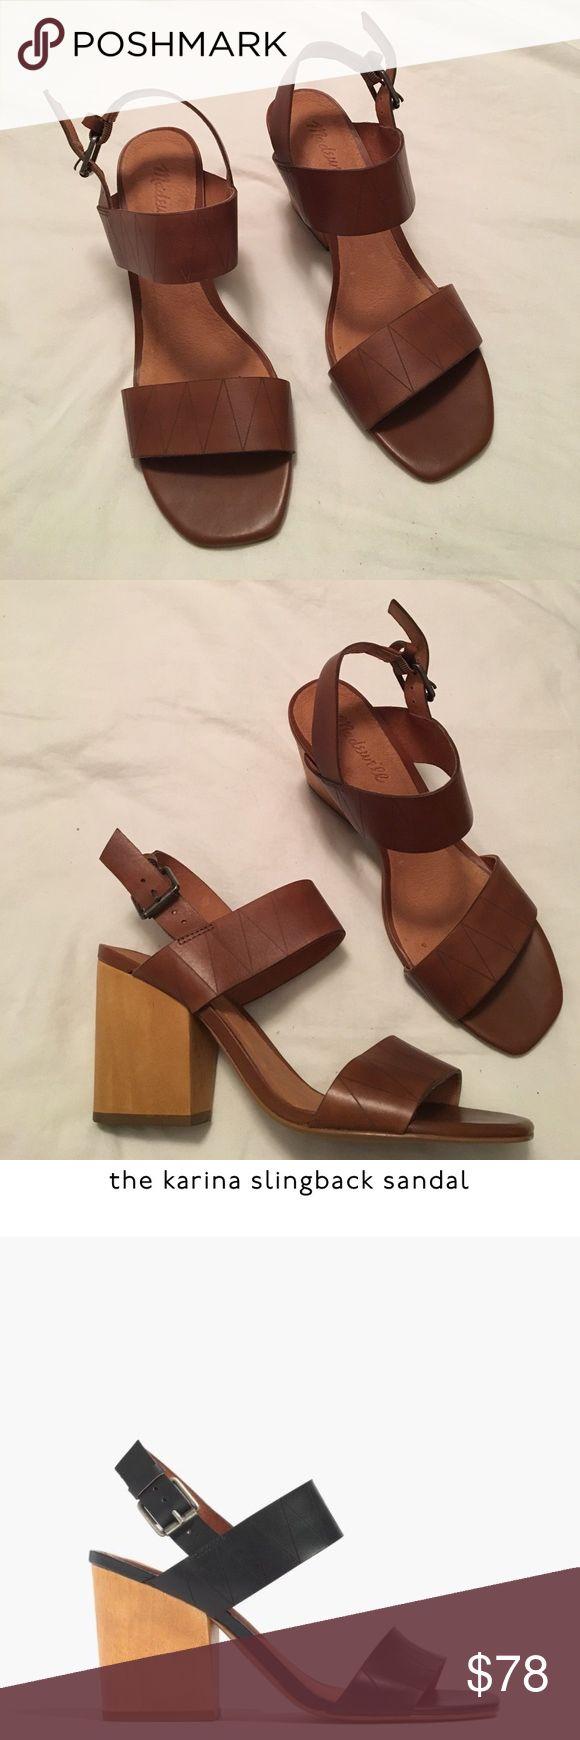 Madewell Karina slingback sandal Madewell Karina slingback sandal tan - 8 - new with box Madewell Shoes Heels